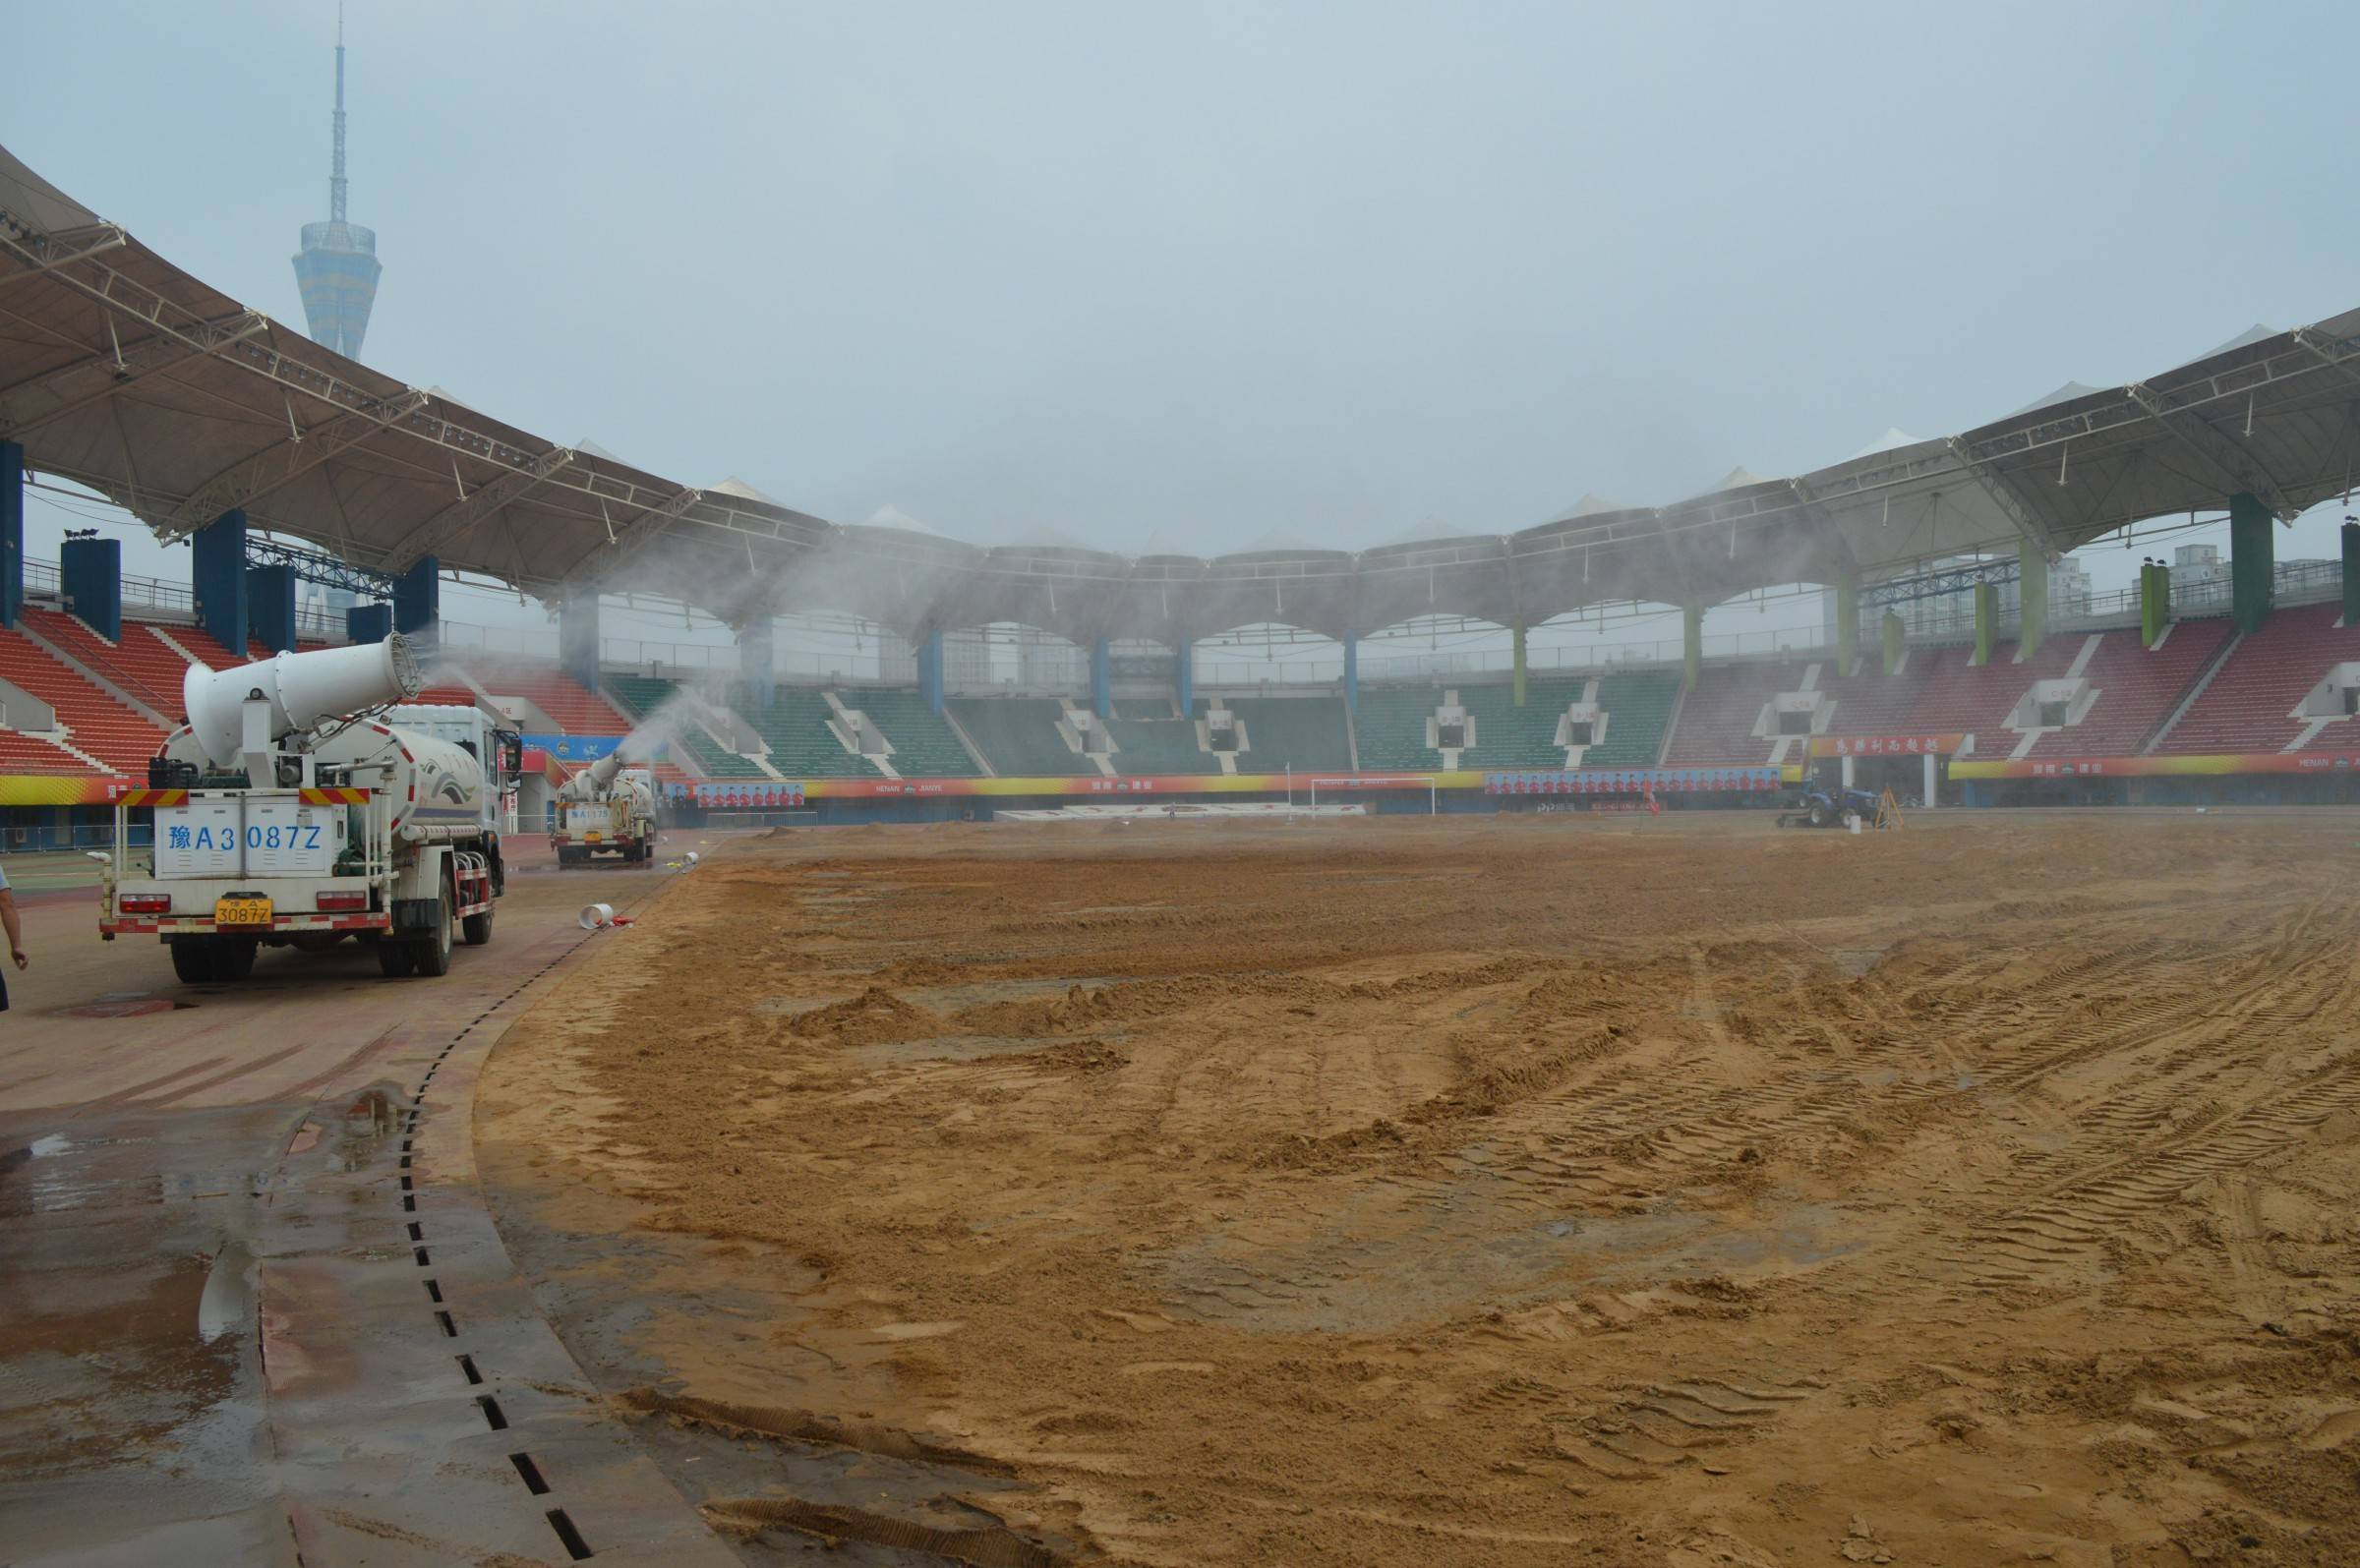 草坪改造48小时:记者用图片记录下航海体育场内